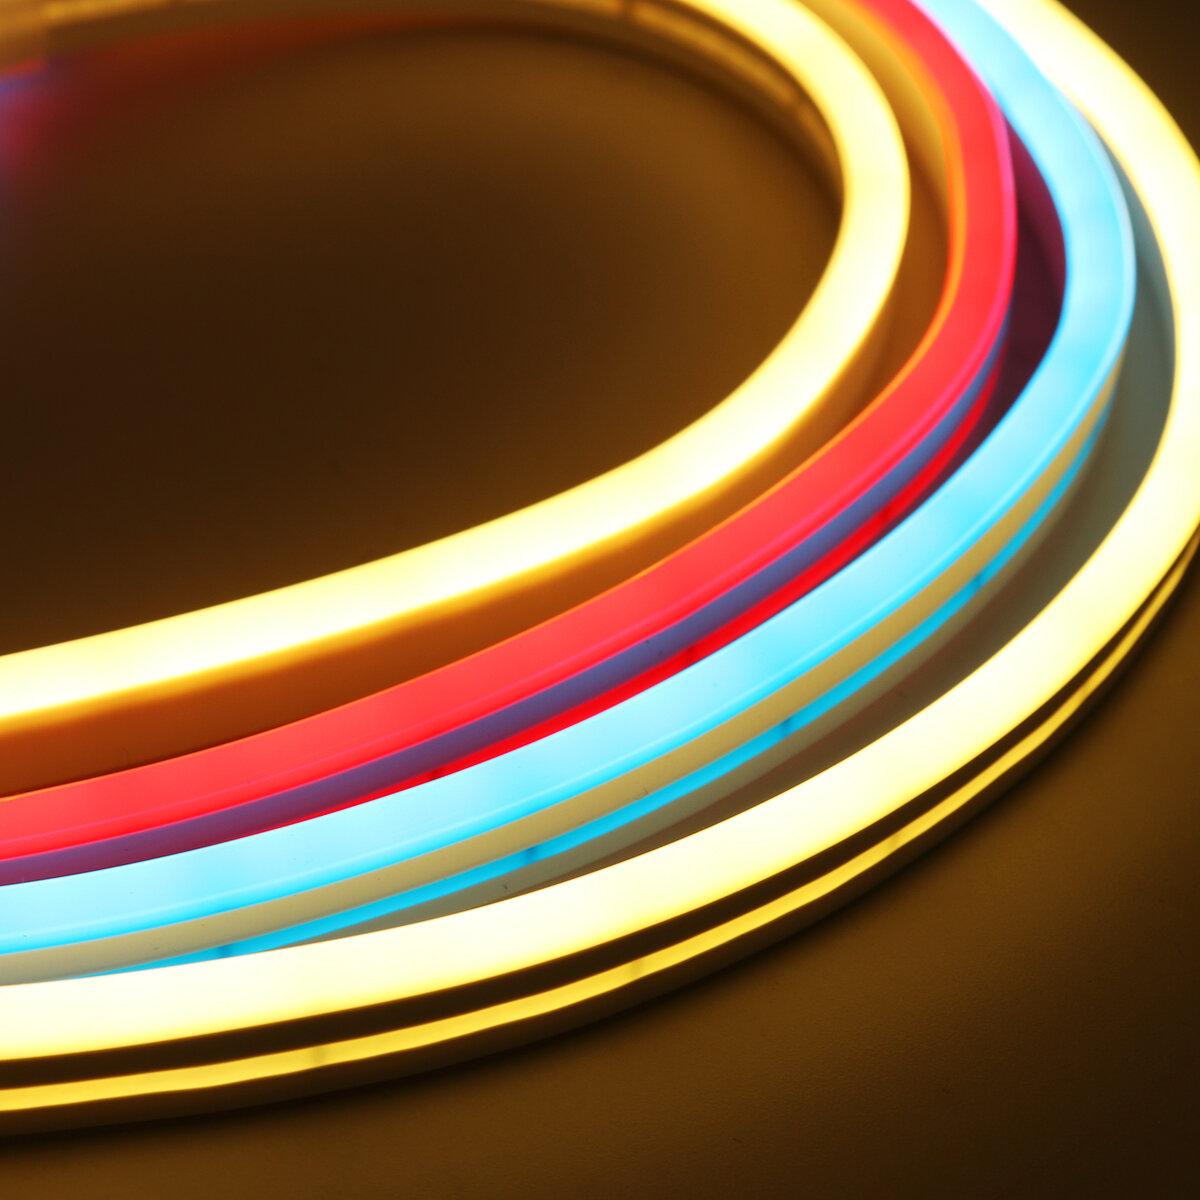 DC12V 5M Flexível Neon EL Fio Luz SMD2835 Impermeável Silicone LED Tira Tubo Lâmpada Decoração Ao Ar Livre